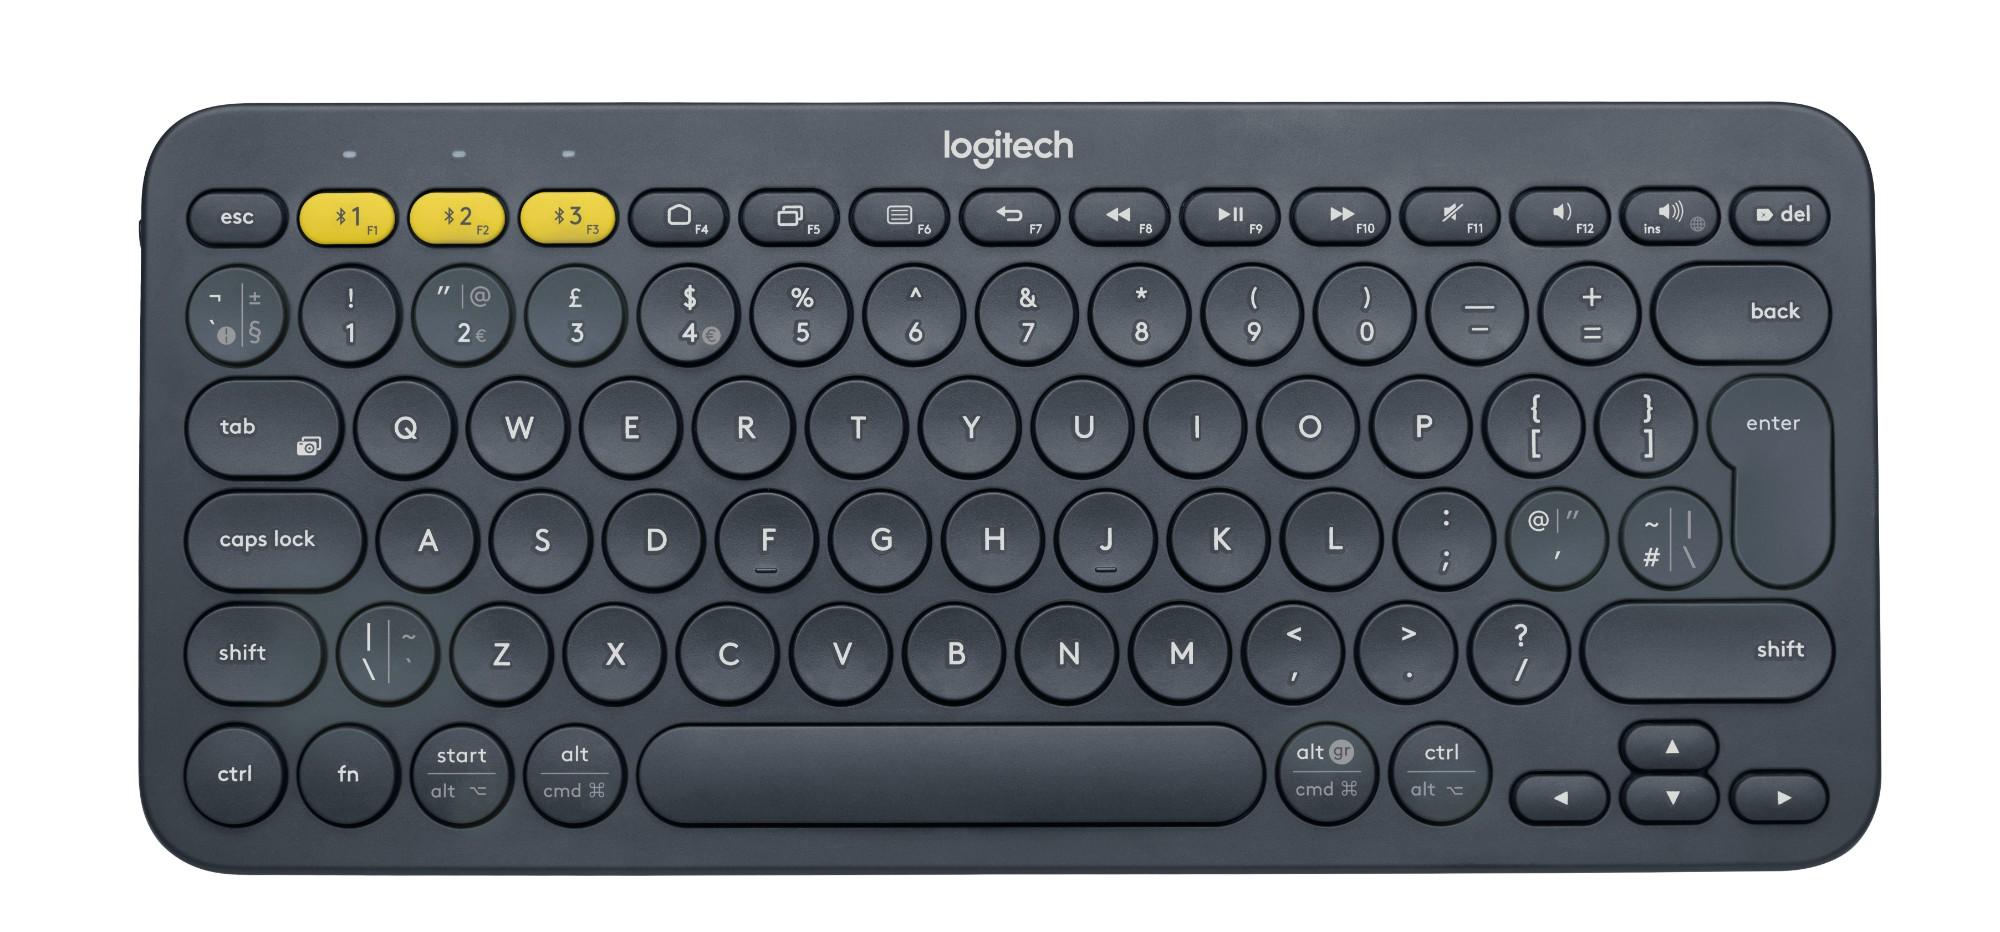 Logitech K380 teclado Bluetooth QWERTY Pan Nordic Gris